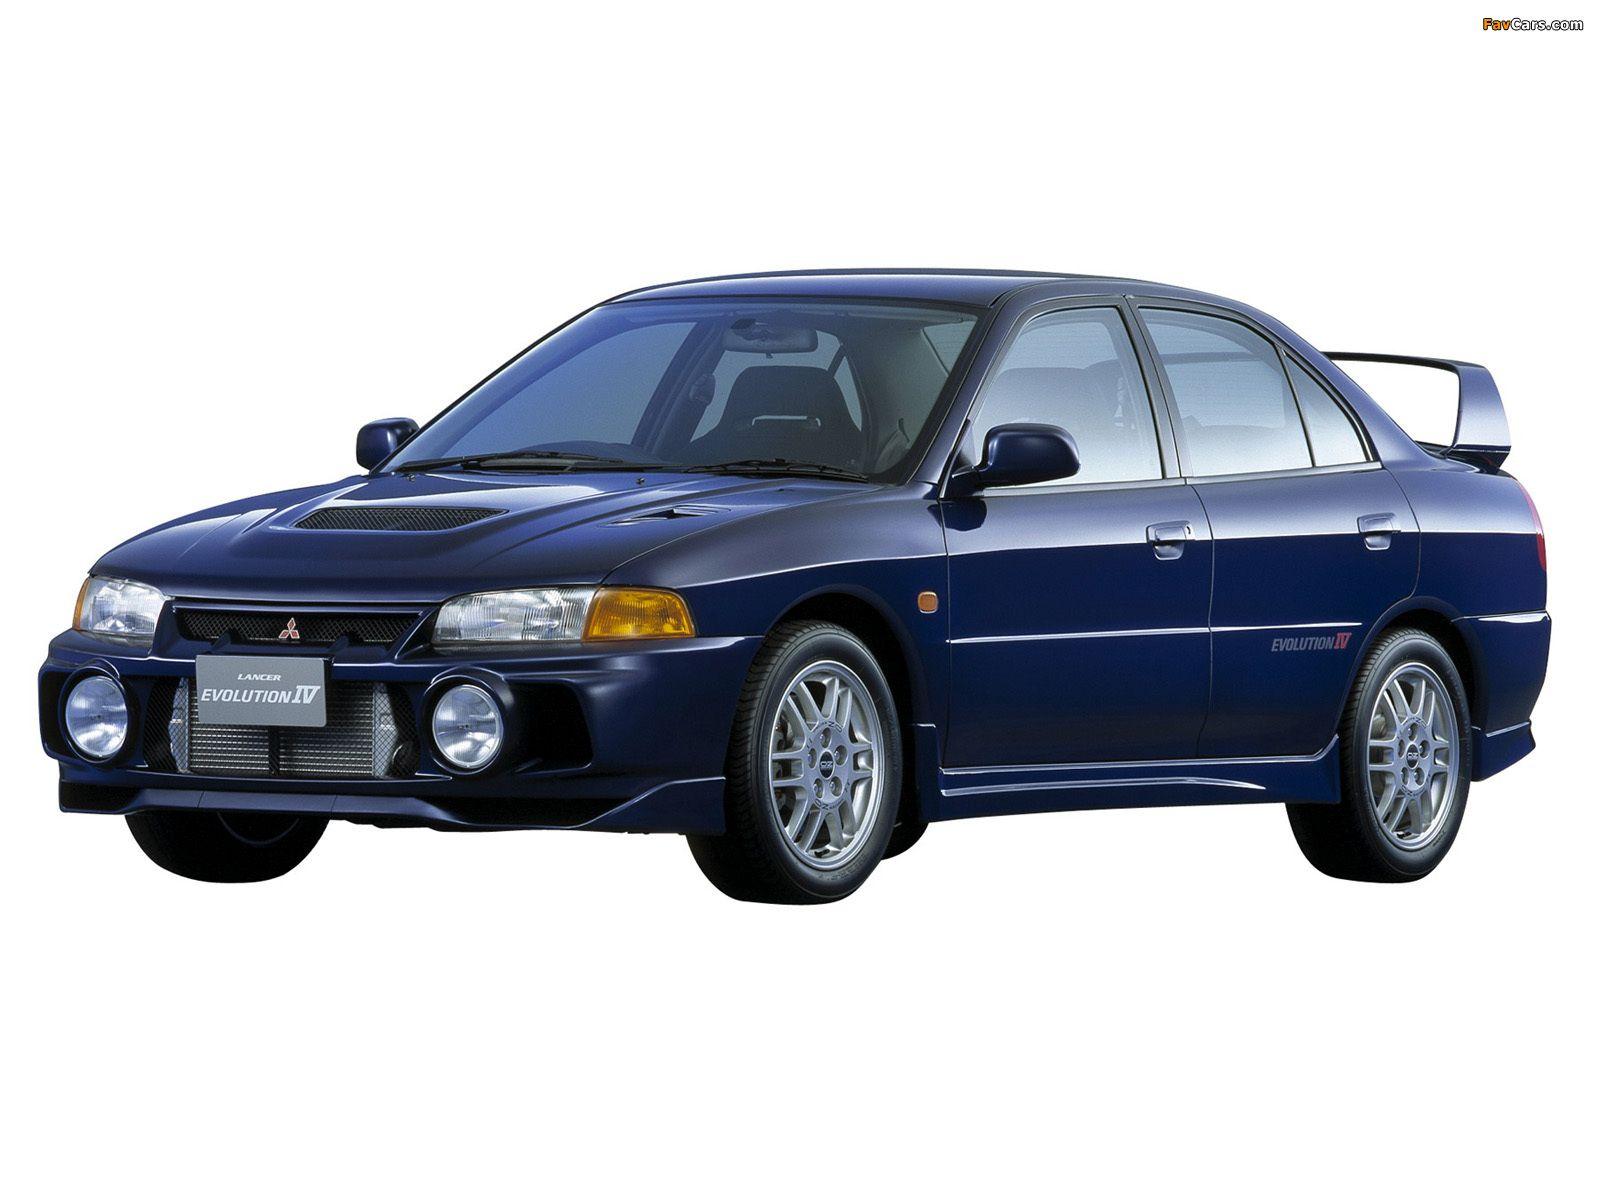 Mitsubishi Montero Repair Manual 1992 1995 Download In 2021 Repair Manuals Repair Mitsubishi